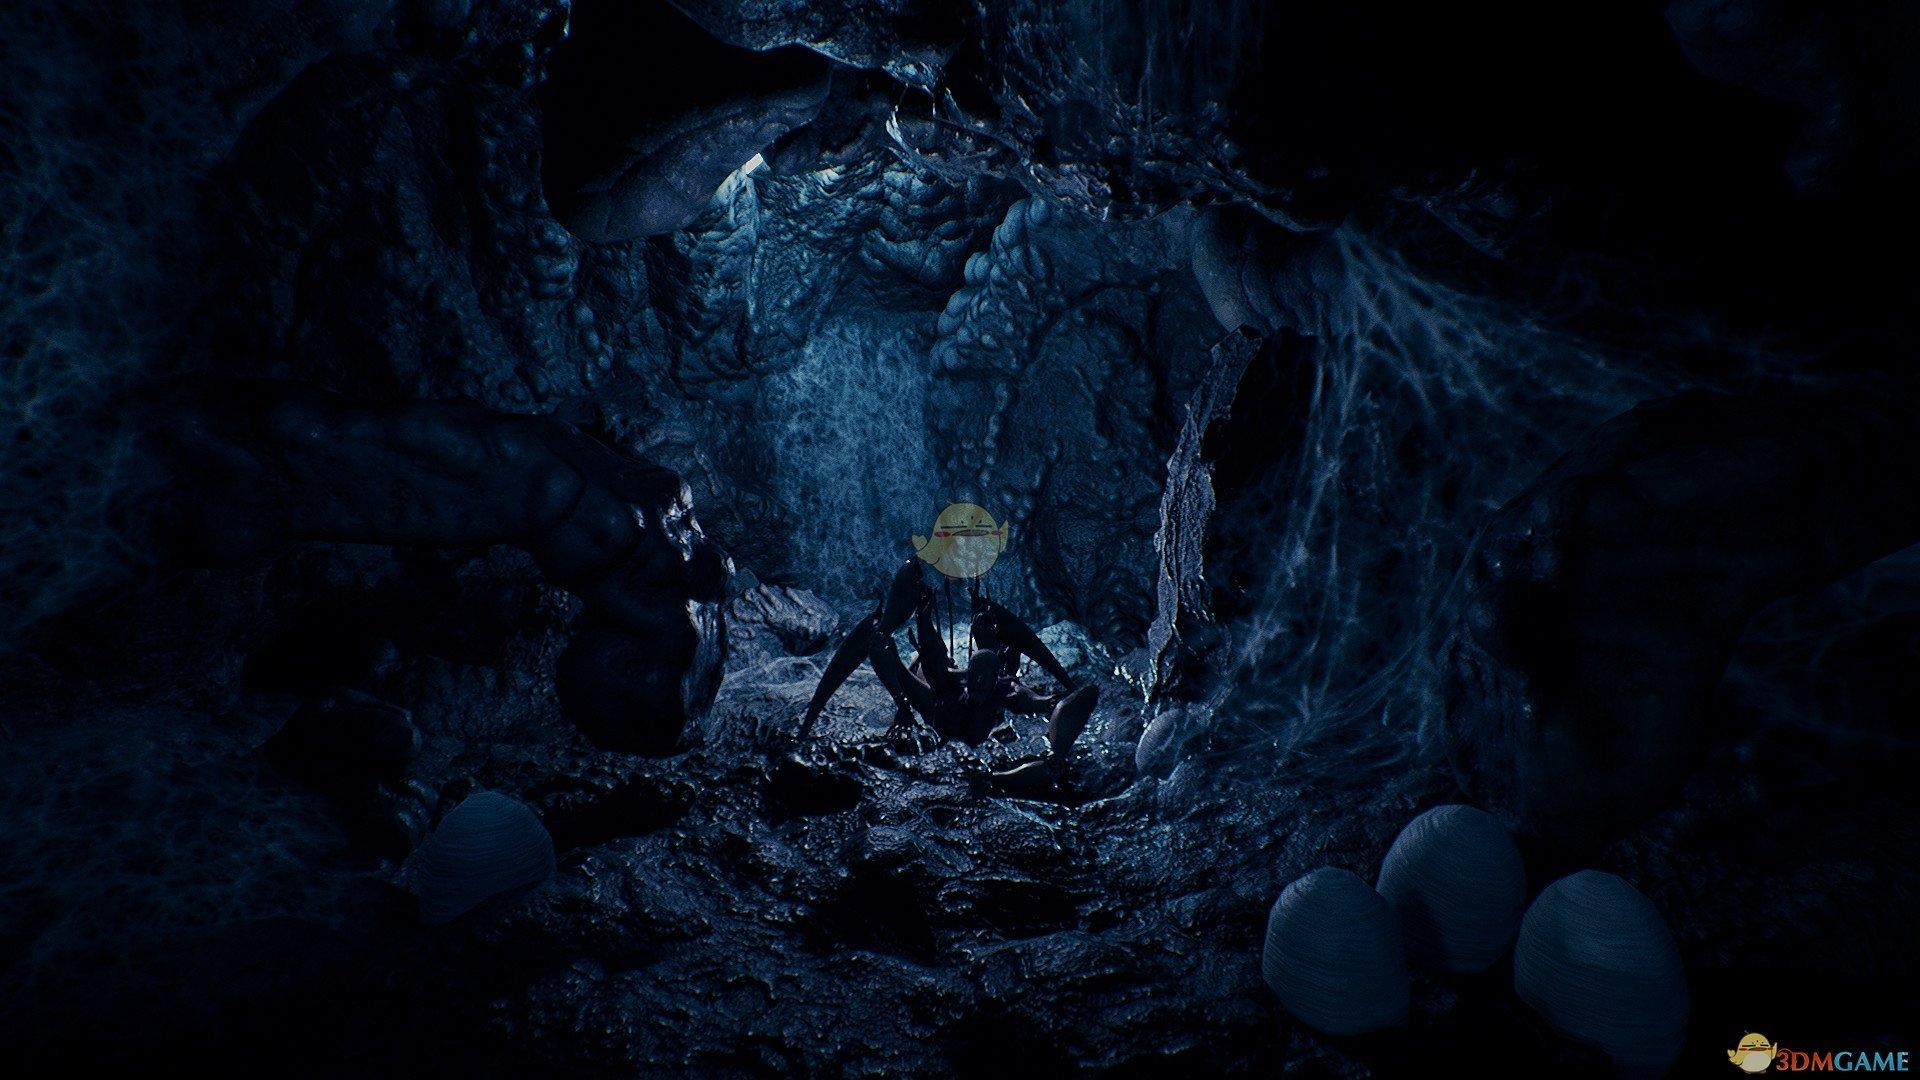 《山中凶宅》游戏配置要求一览